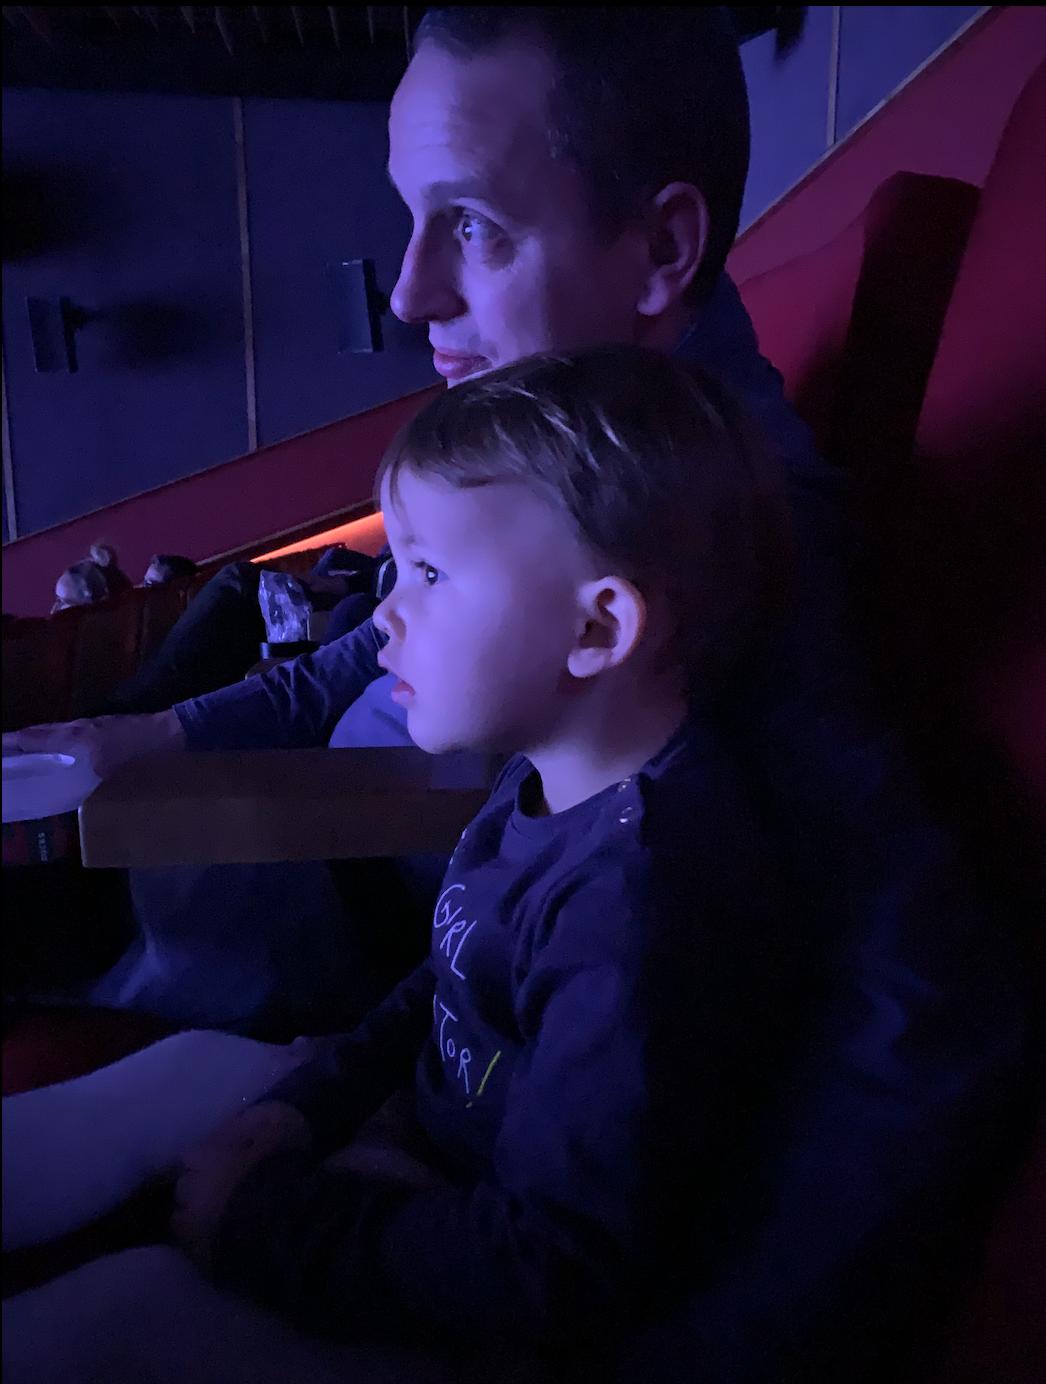 Naar de bios met een 2-jarige